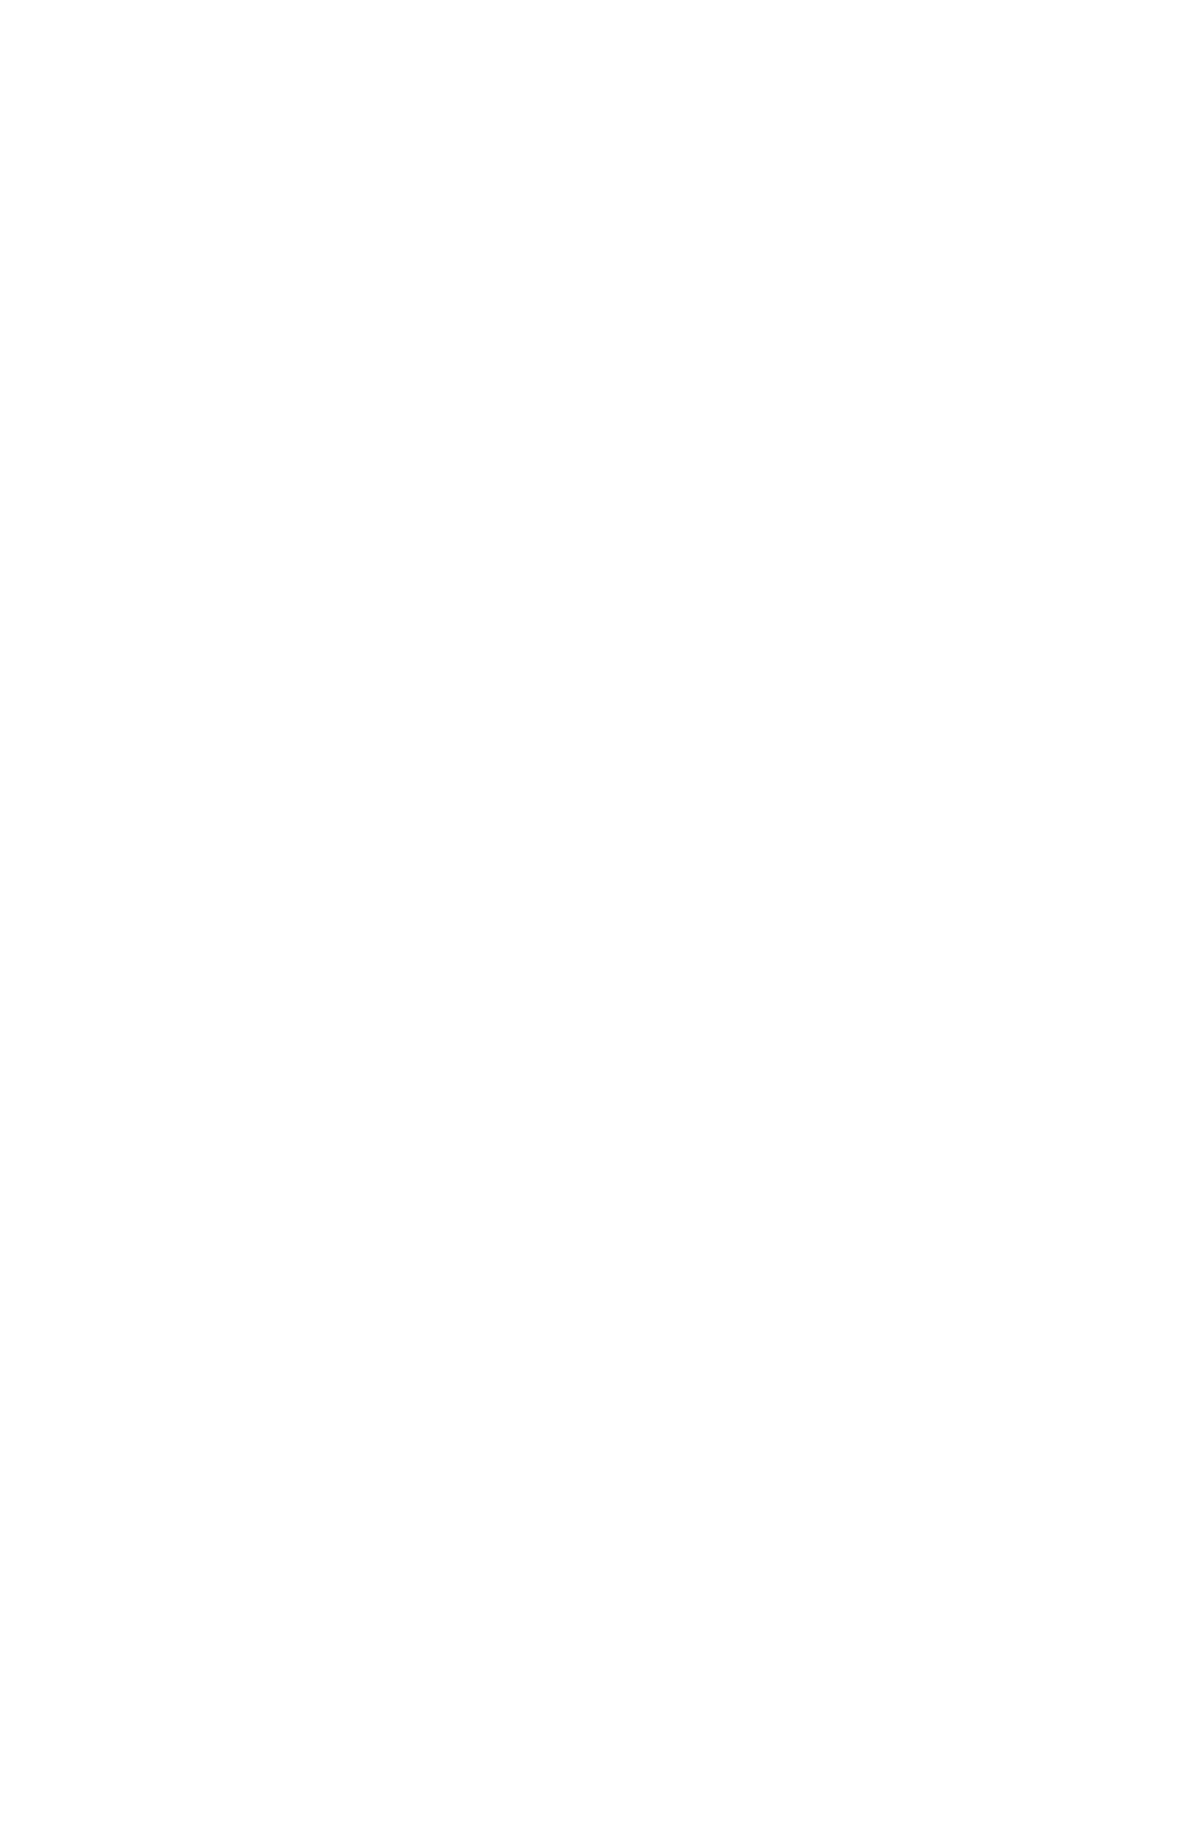 reBive Logo